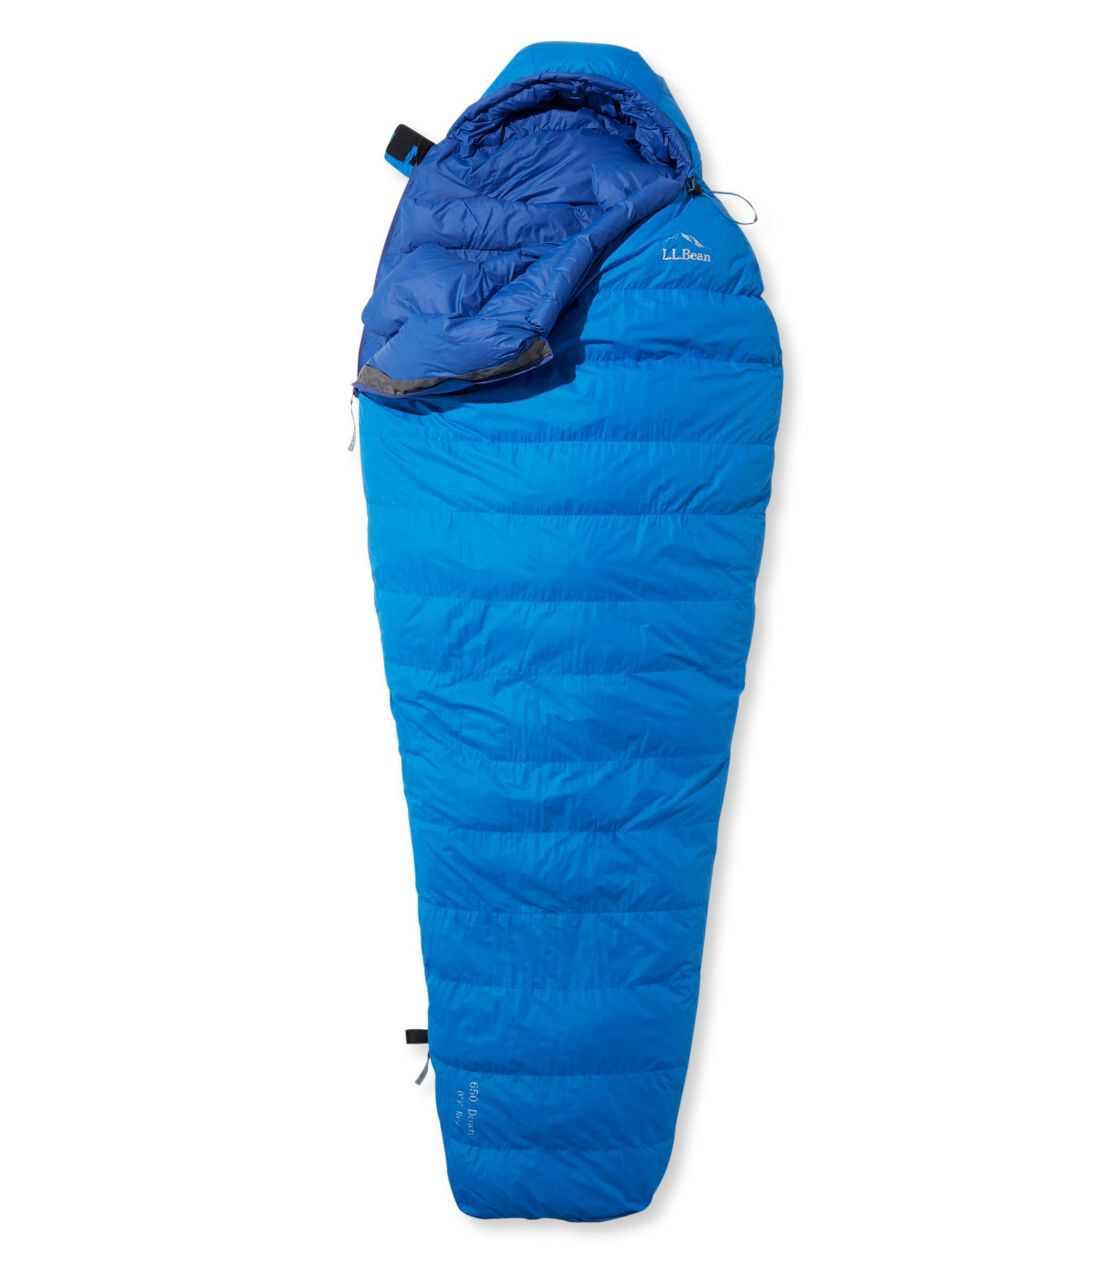 エル・エル・ビーン・ダウン・スリーピング・バッグ・ウィズ・ダウンテック、マミー型 -7℃